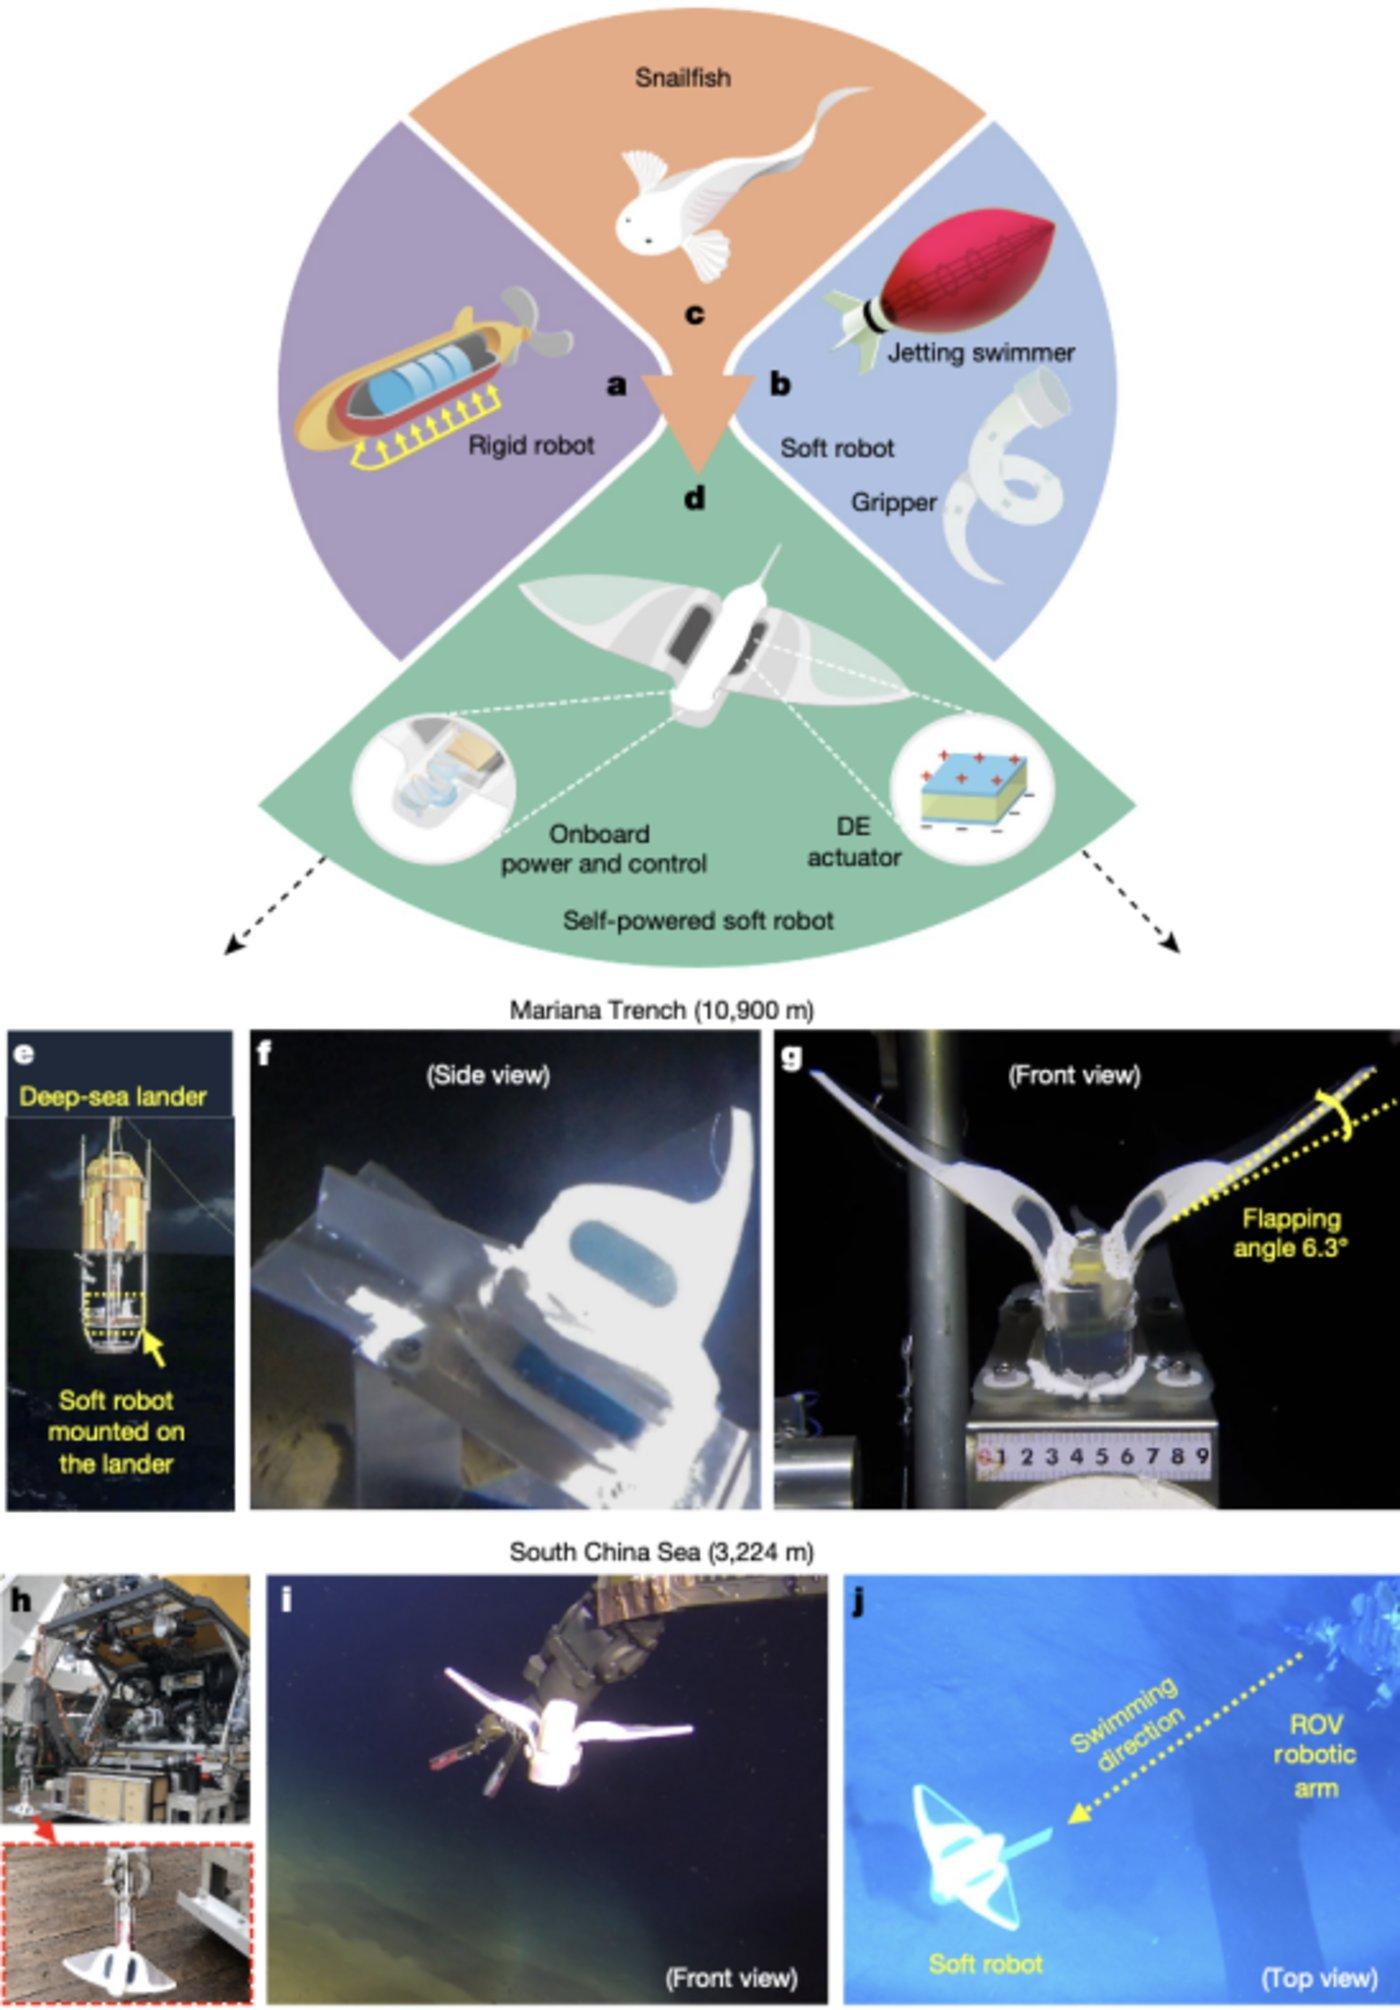 图|机器人设计与深海试验(来源:Nature)